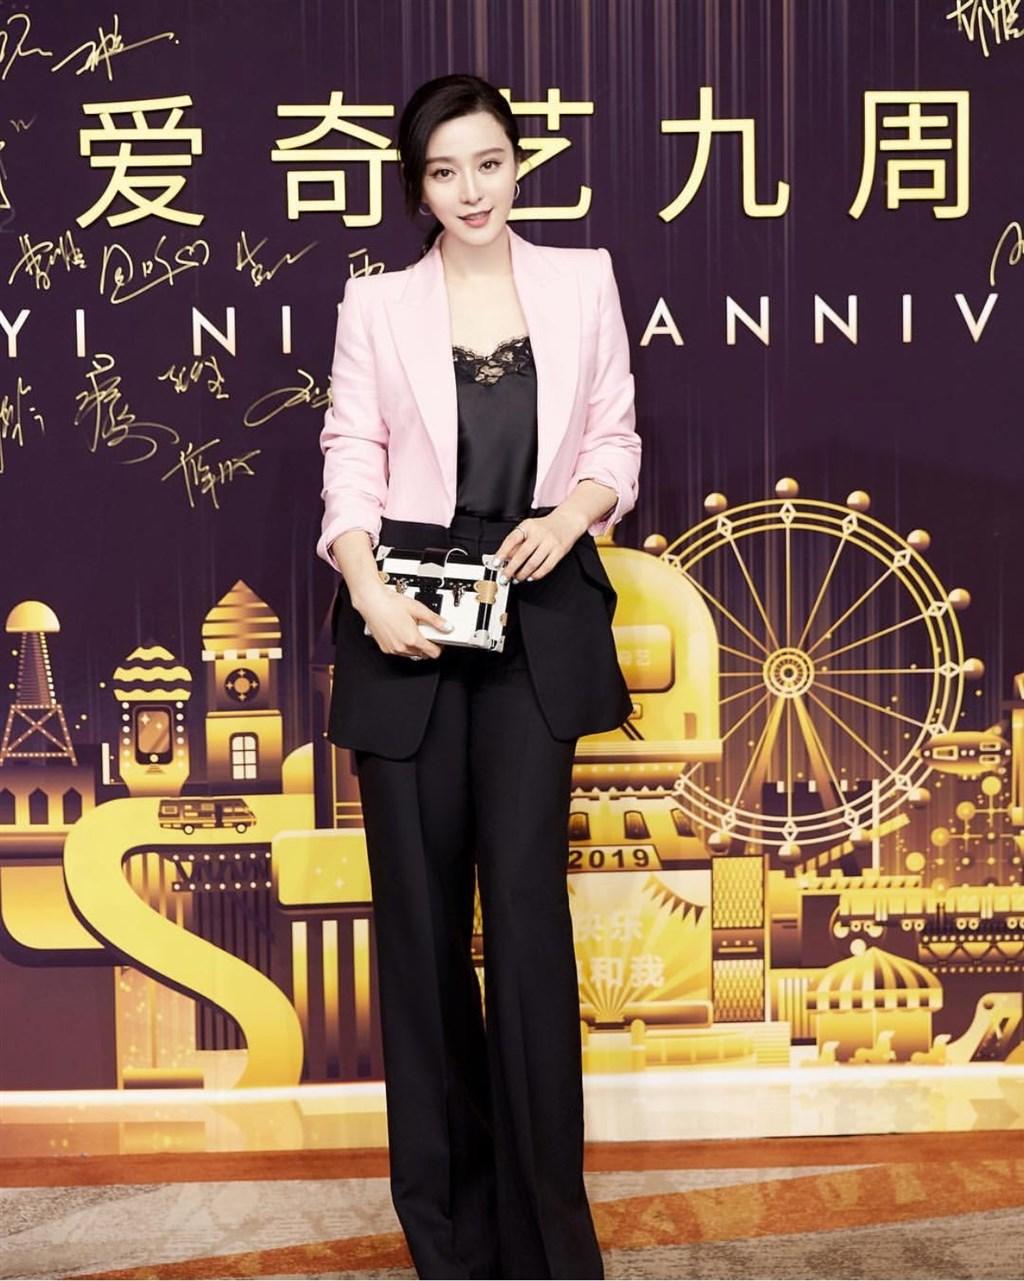 中國女星范冰冰22日出席愛奇藝9週年活動,微笑面對鏡頭。(圖取自范冰冰Instagram網頁instagram.com/bingbing_fan)